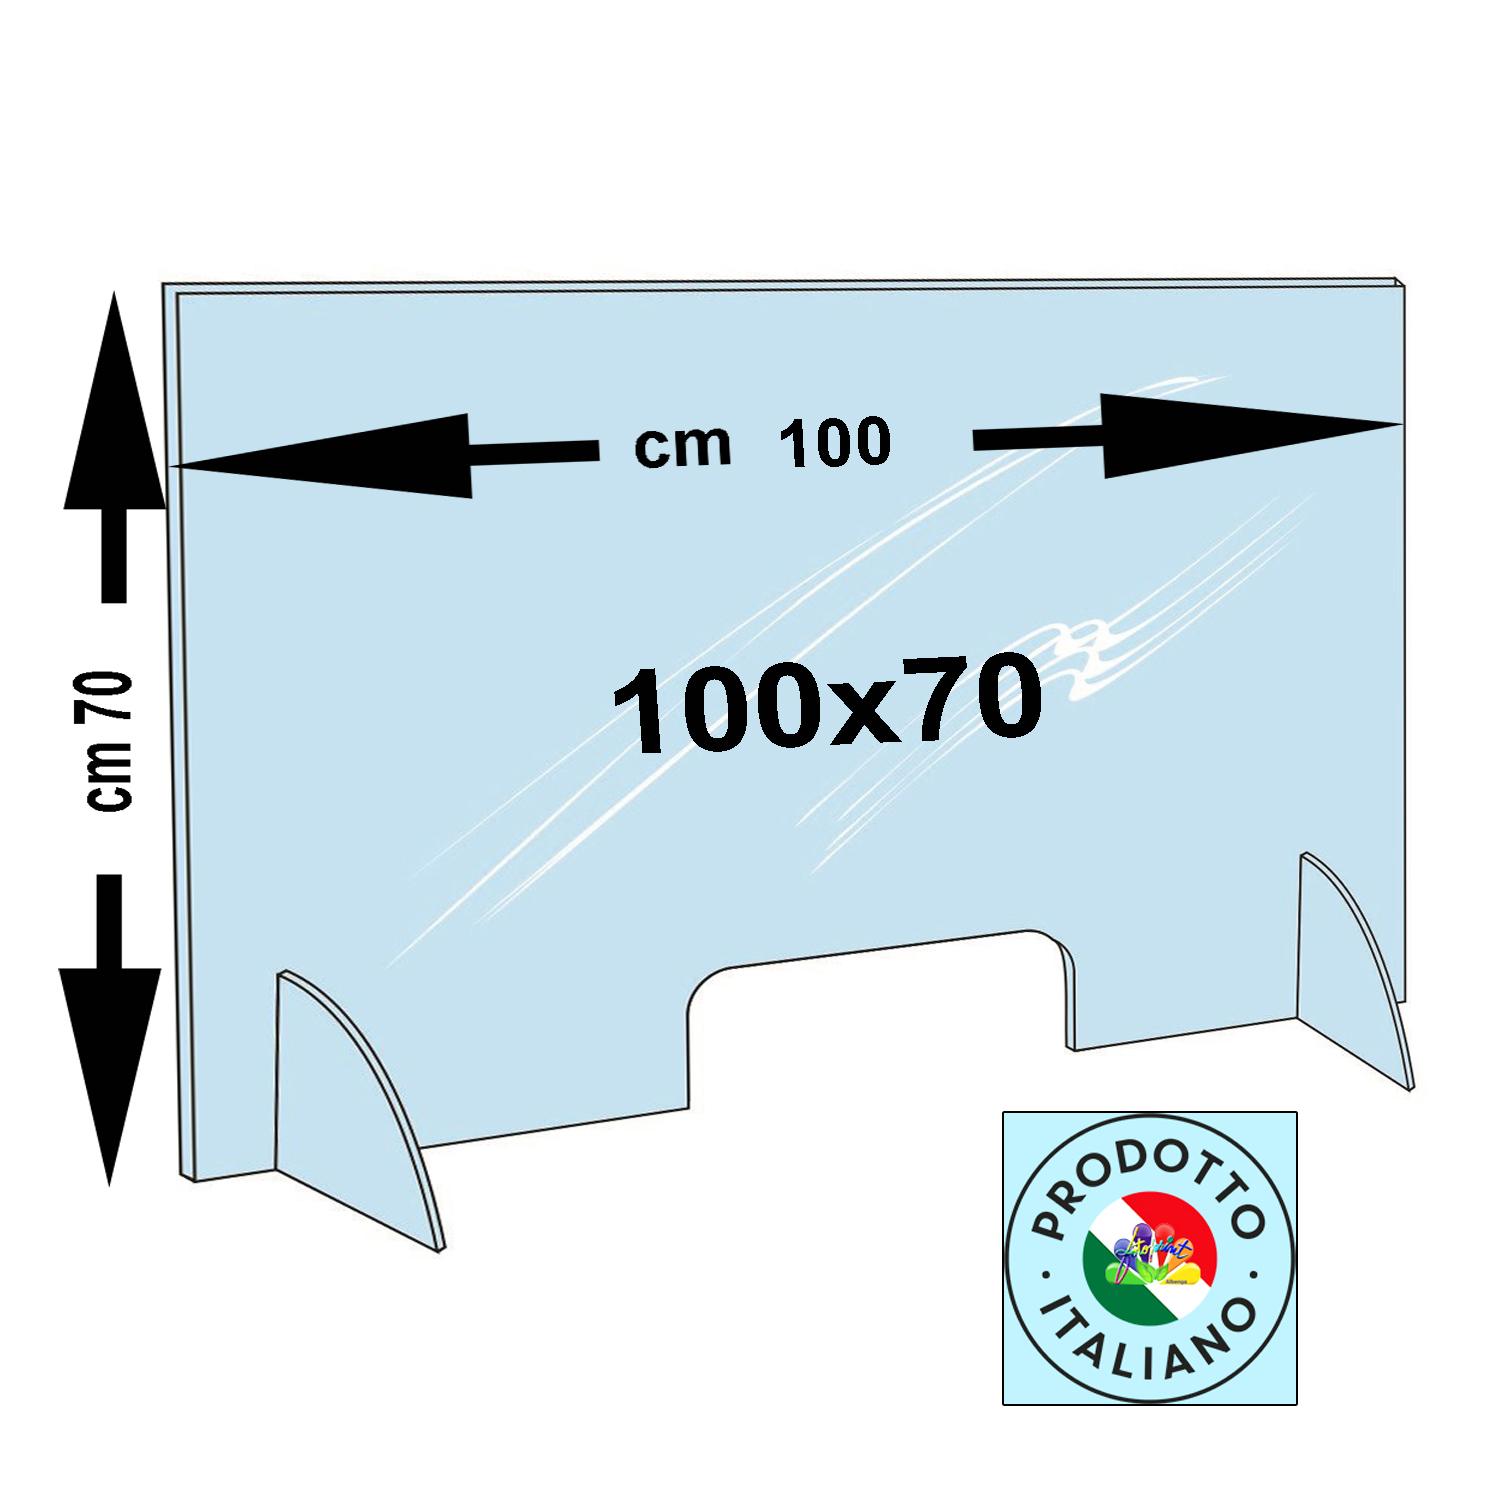 BARRIERA PERSONALIZZATA 100X70 - Spessori disponibili: 3mm €.116,00 e 5mm €.136,00  - SPED.OMAGGIO